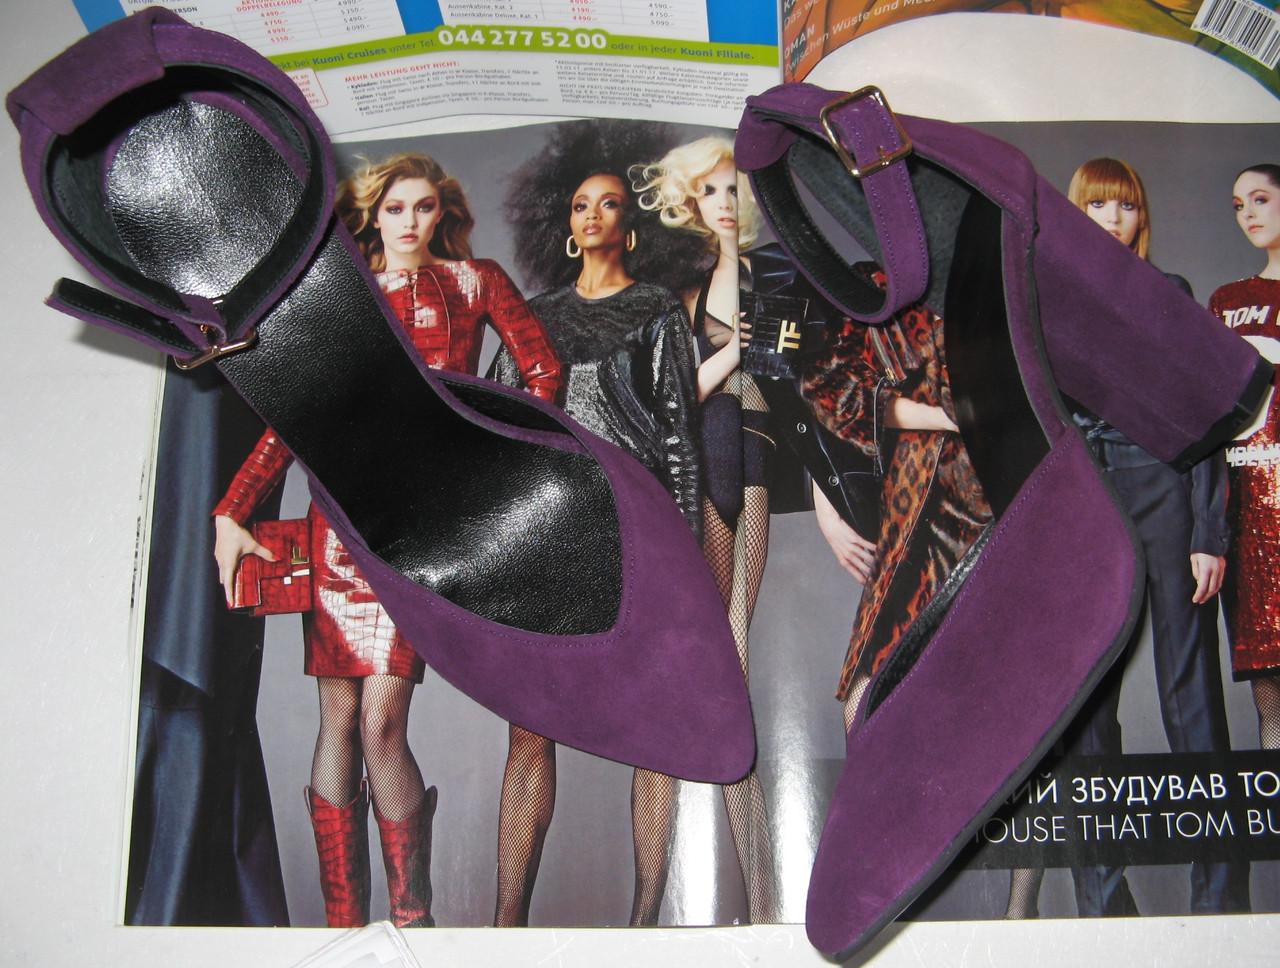 Mante! Красивые женские замшевые и кожаные босоножки туфли каблук 10 см весна лето осень - Манте в Харькове